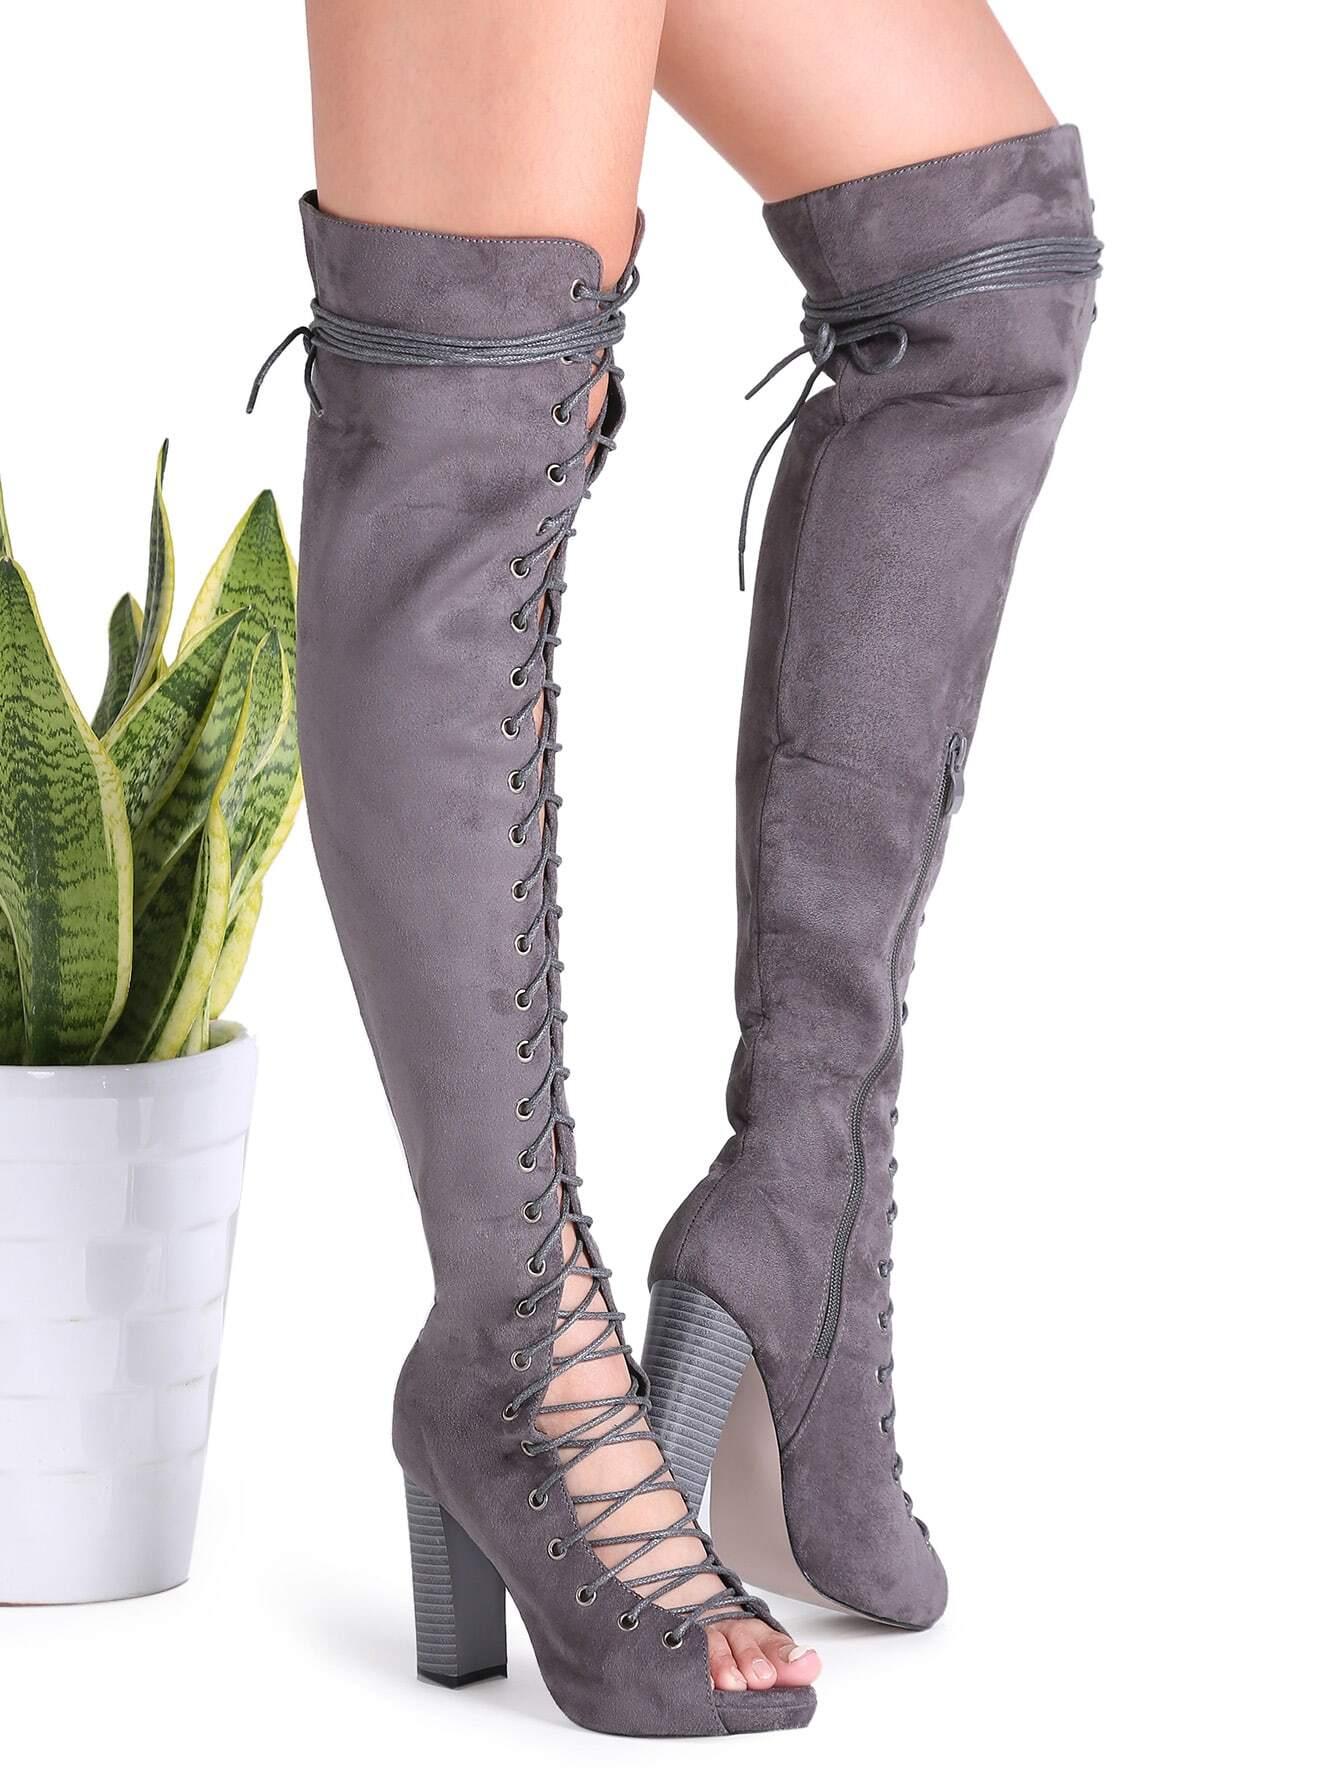 shoes161222807_2